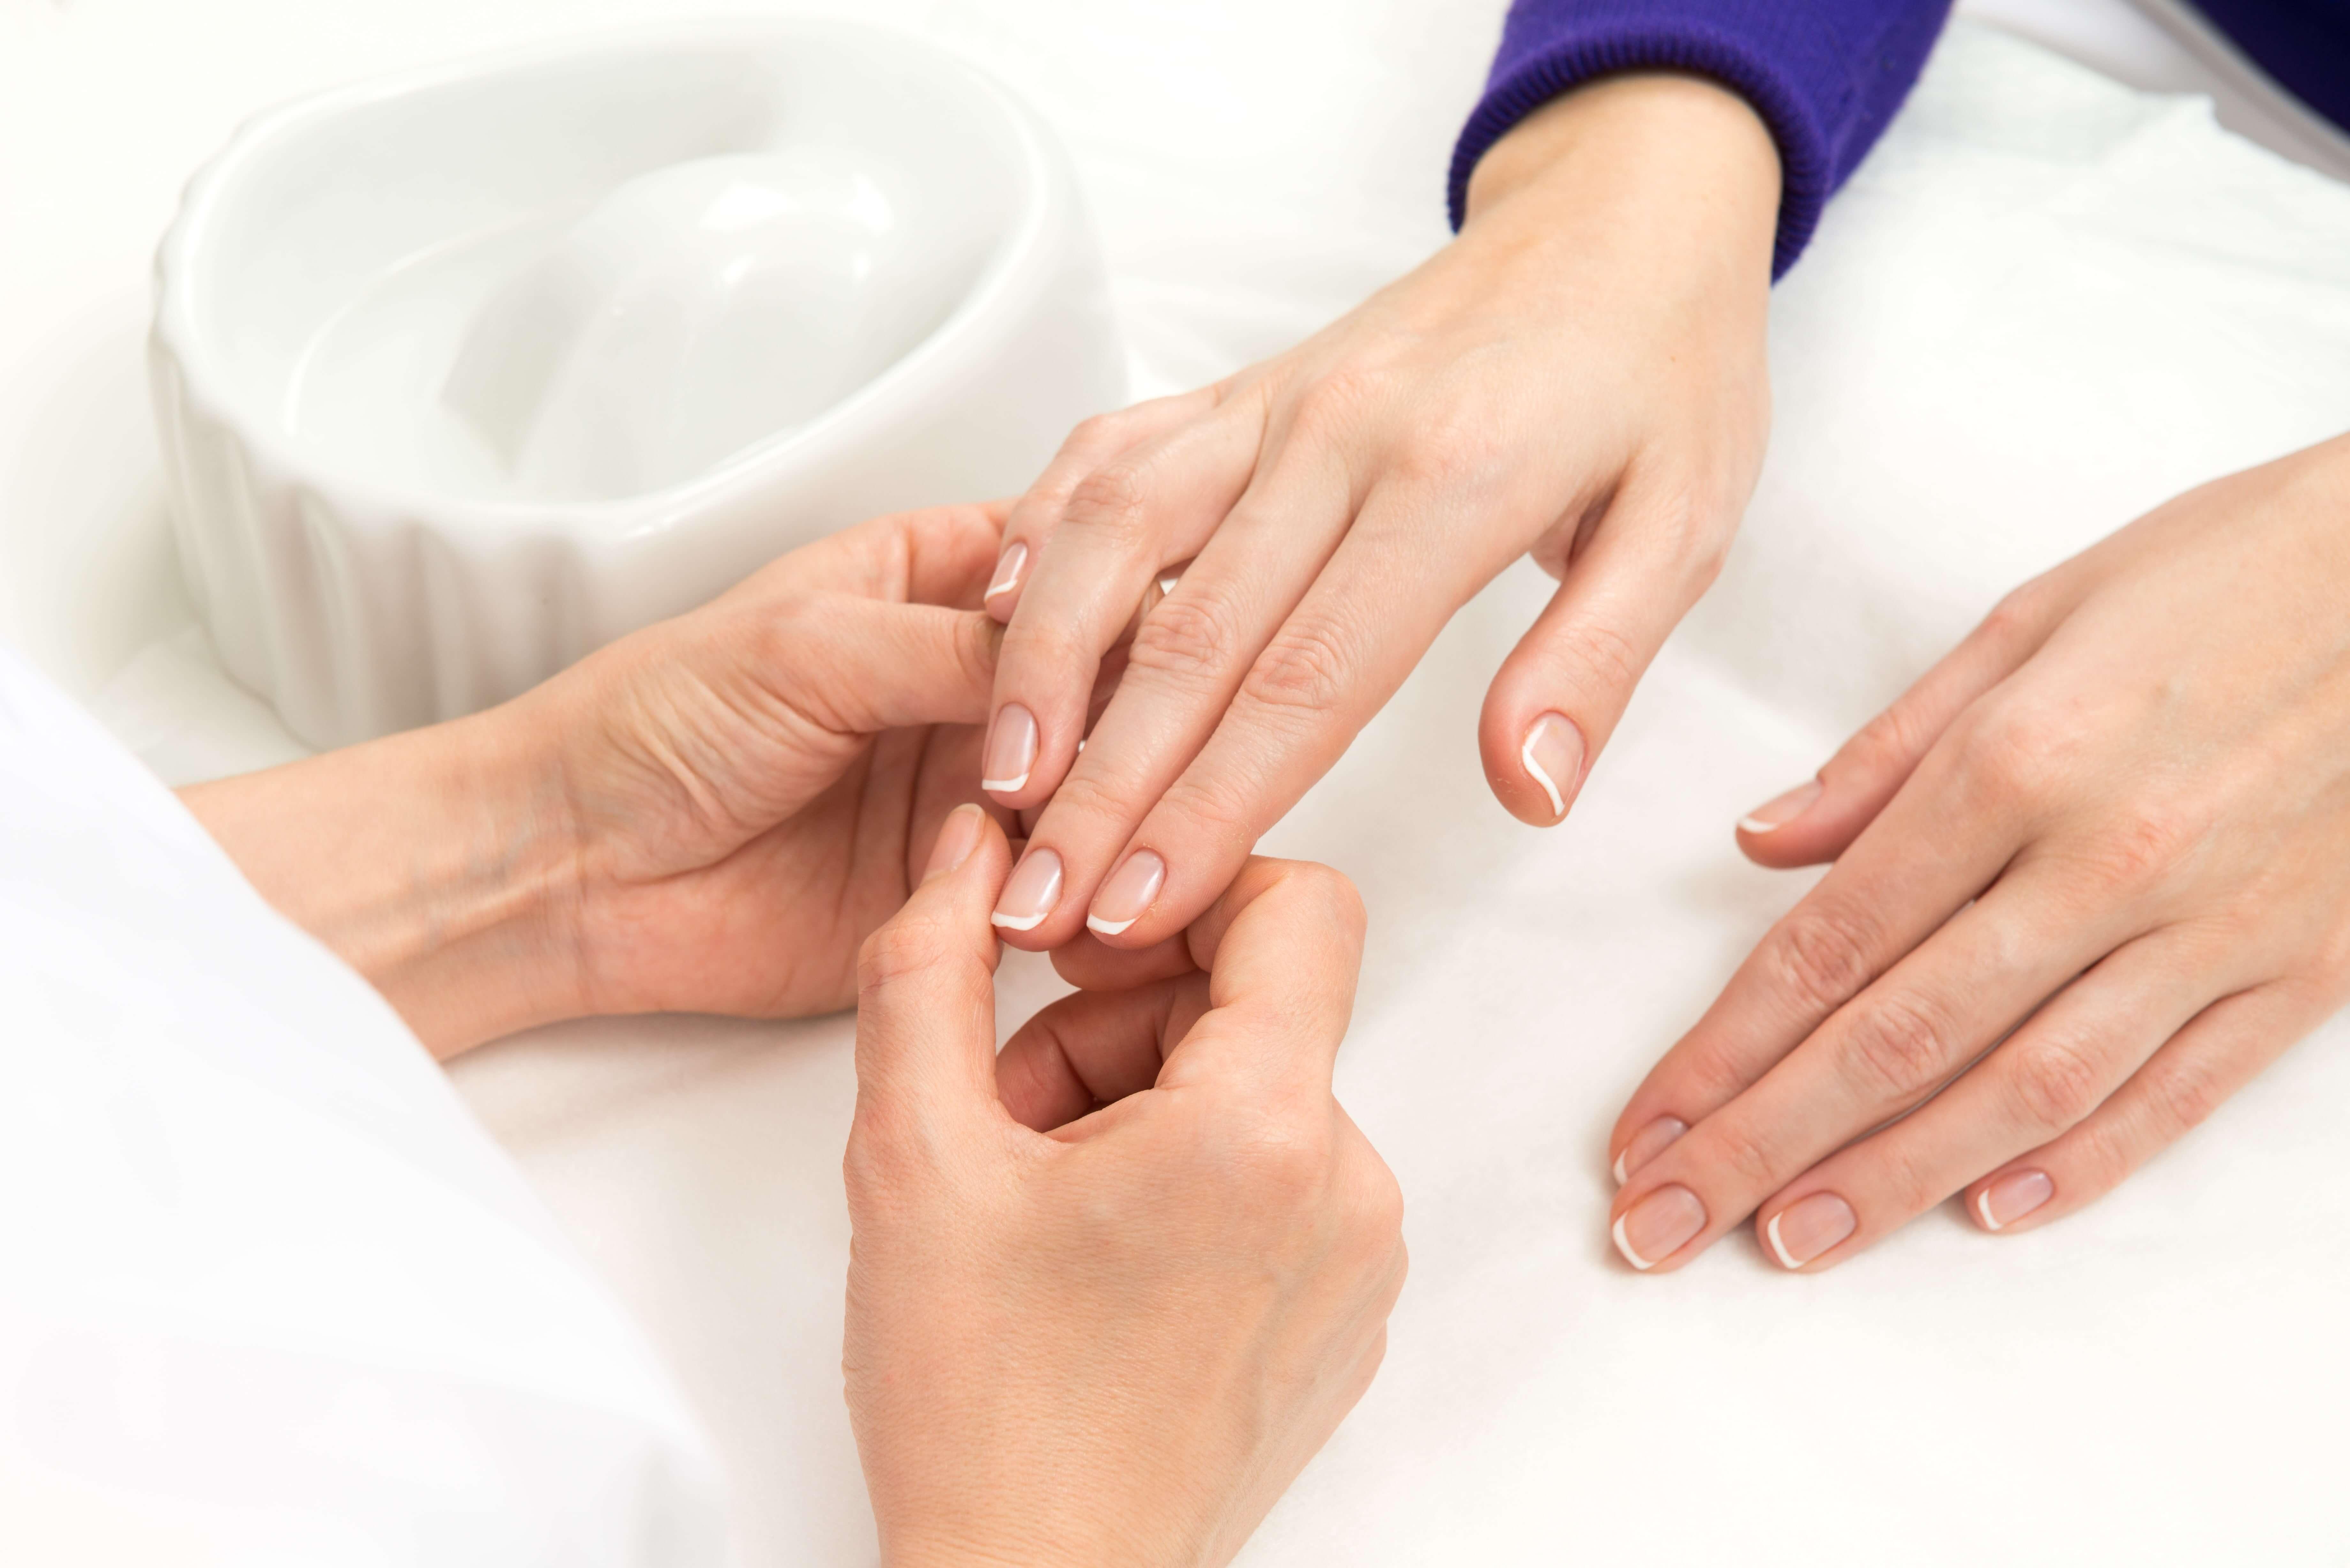 Cuidados com as mãos: Você tem feito isso corretamente?